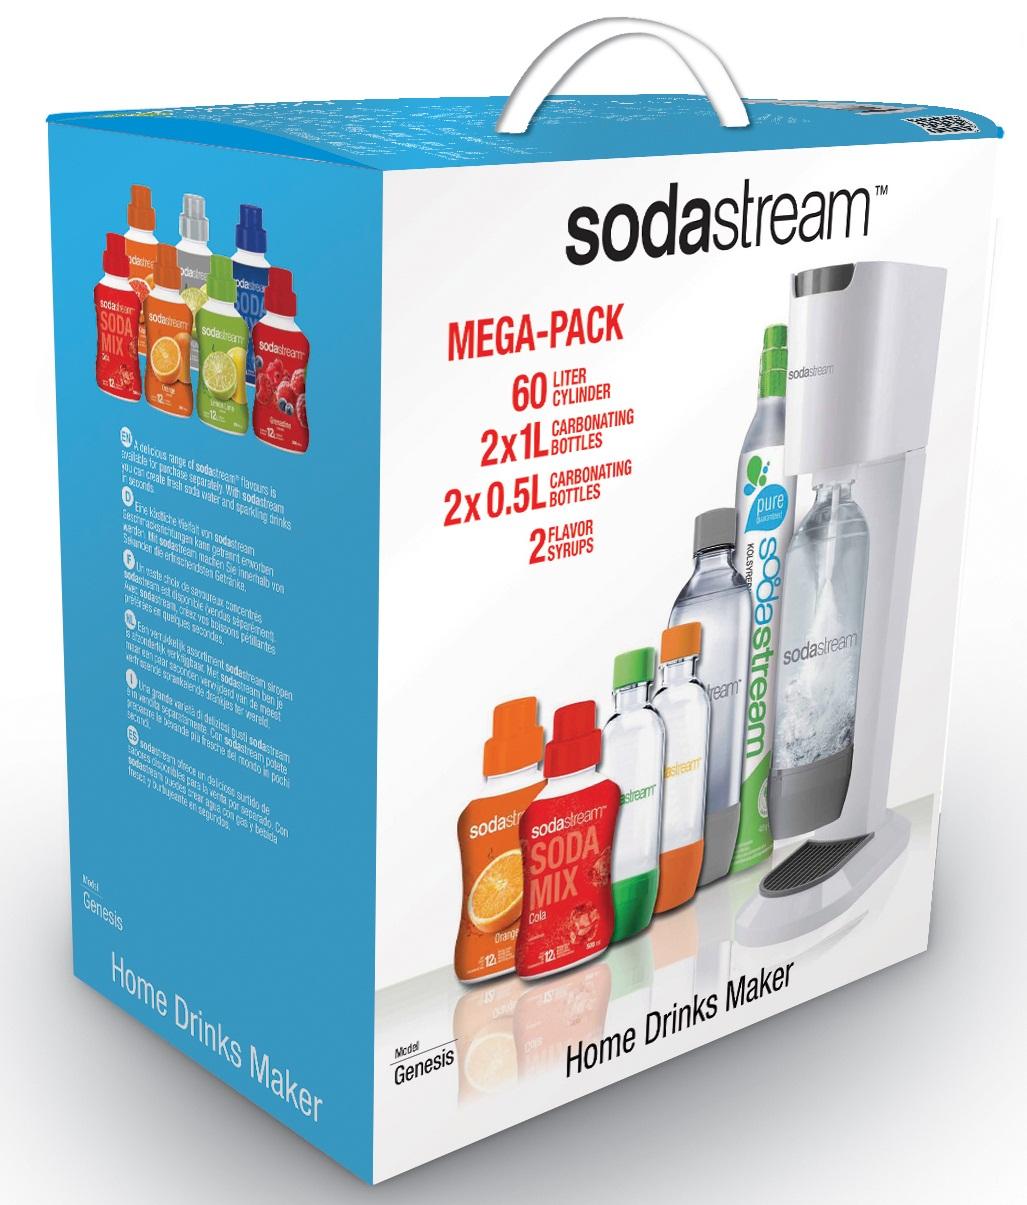 SodaStream Genesis White Mega-Pack Fizzy Drinks Maker Soda Machine Coke & Orange